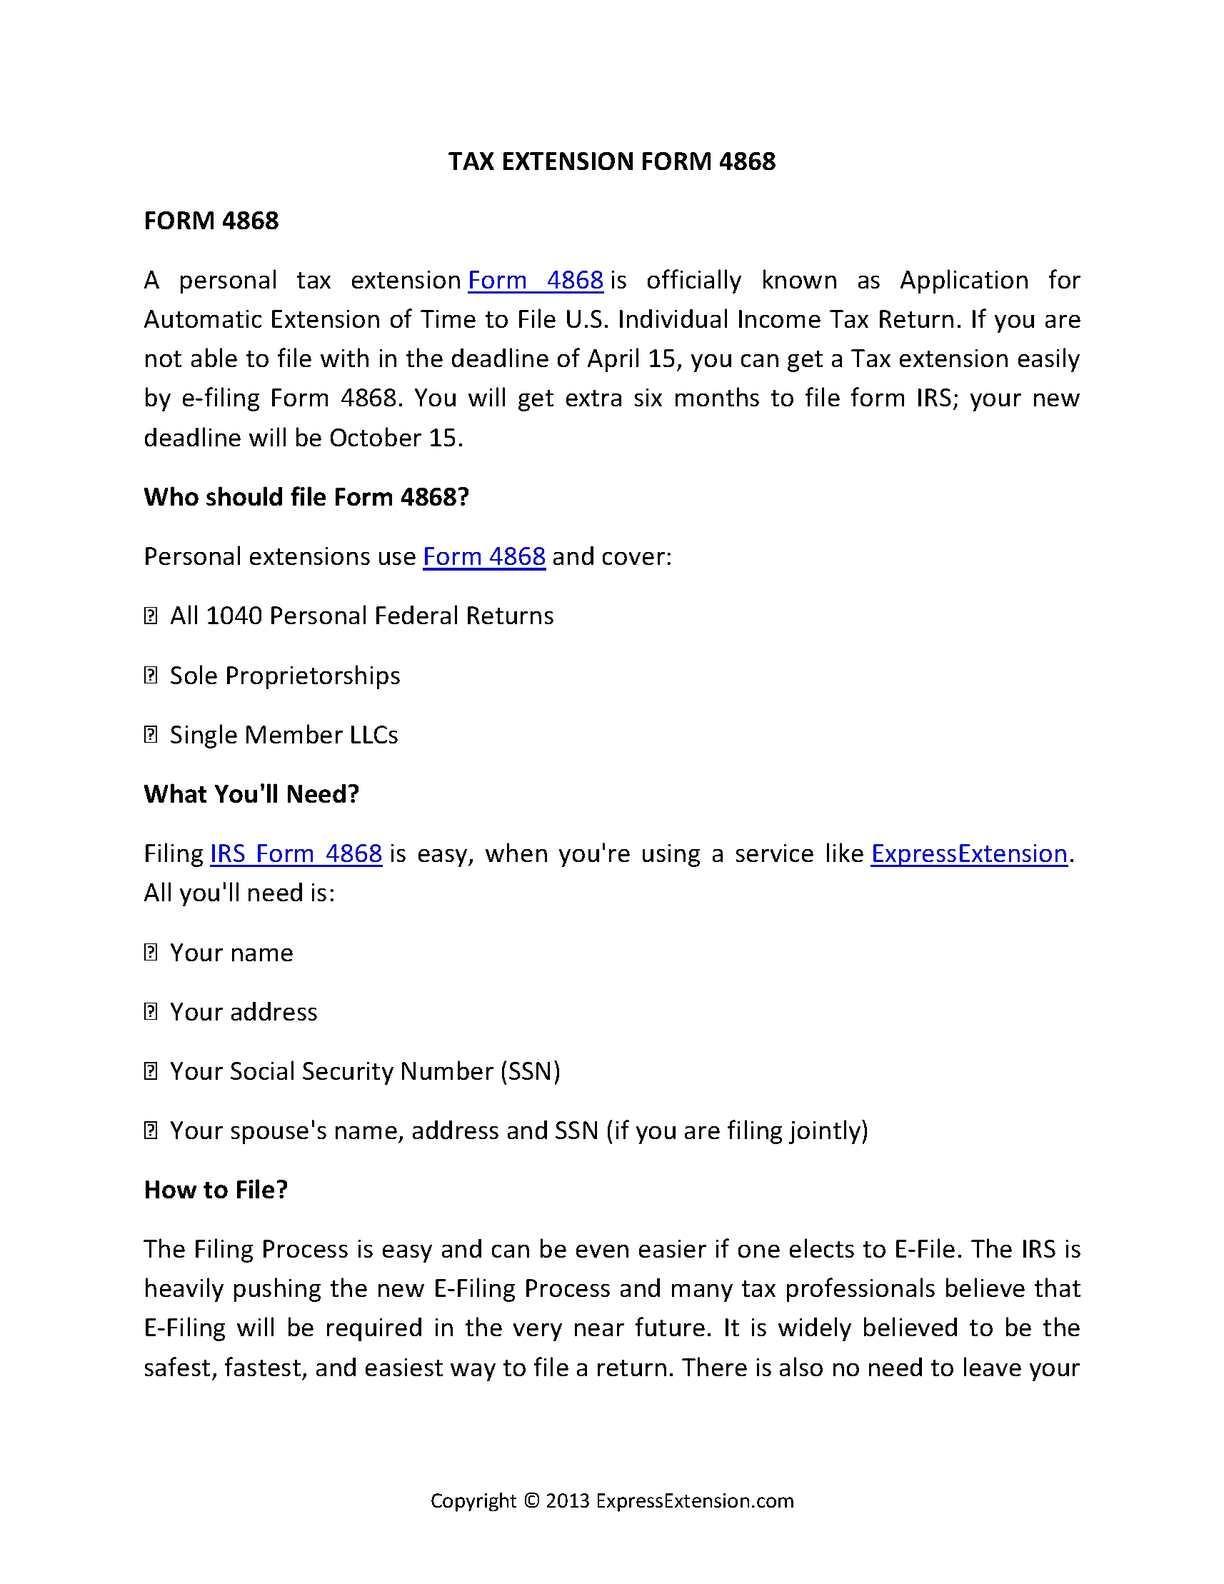 Irs Tax Form 4868 Online